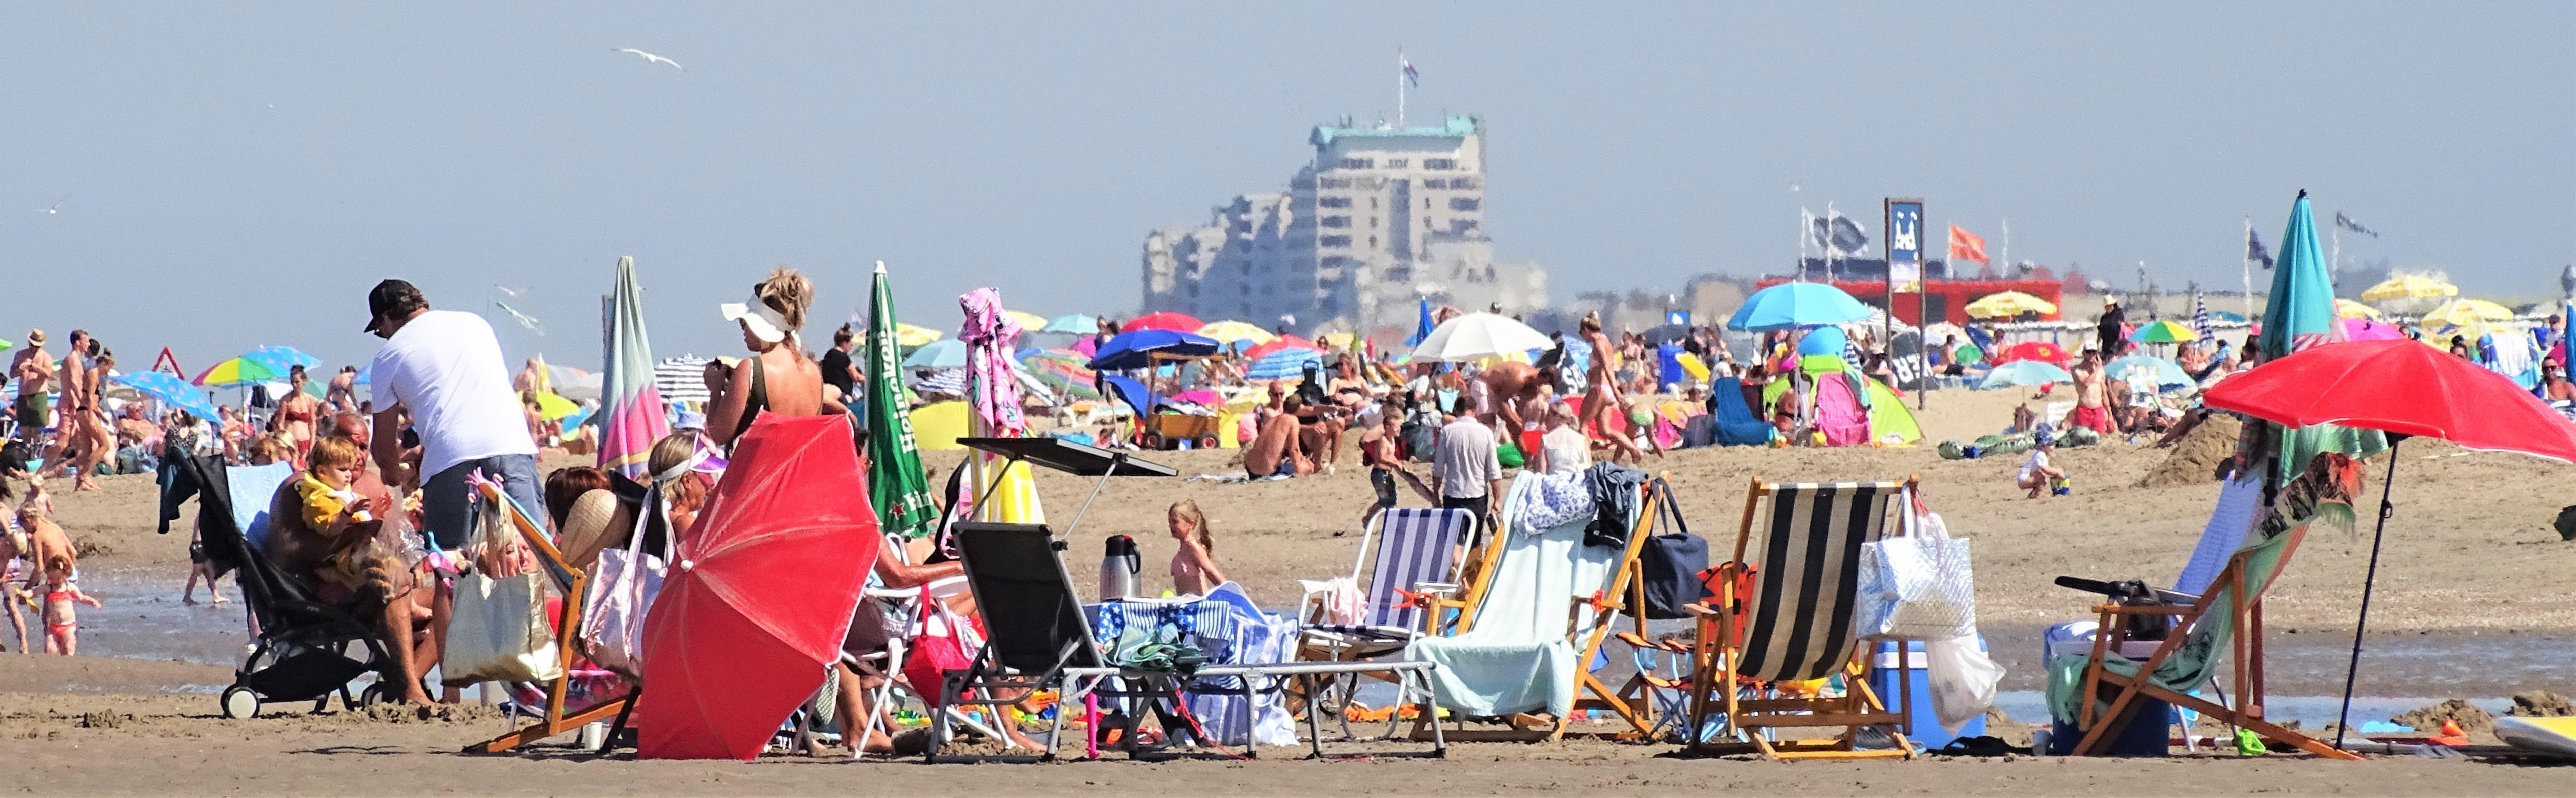 Kustgemeenten ondanks de drukte tevreden: 'We gunnen iedereen een mooi dagje strand'